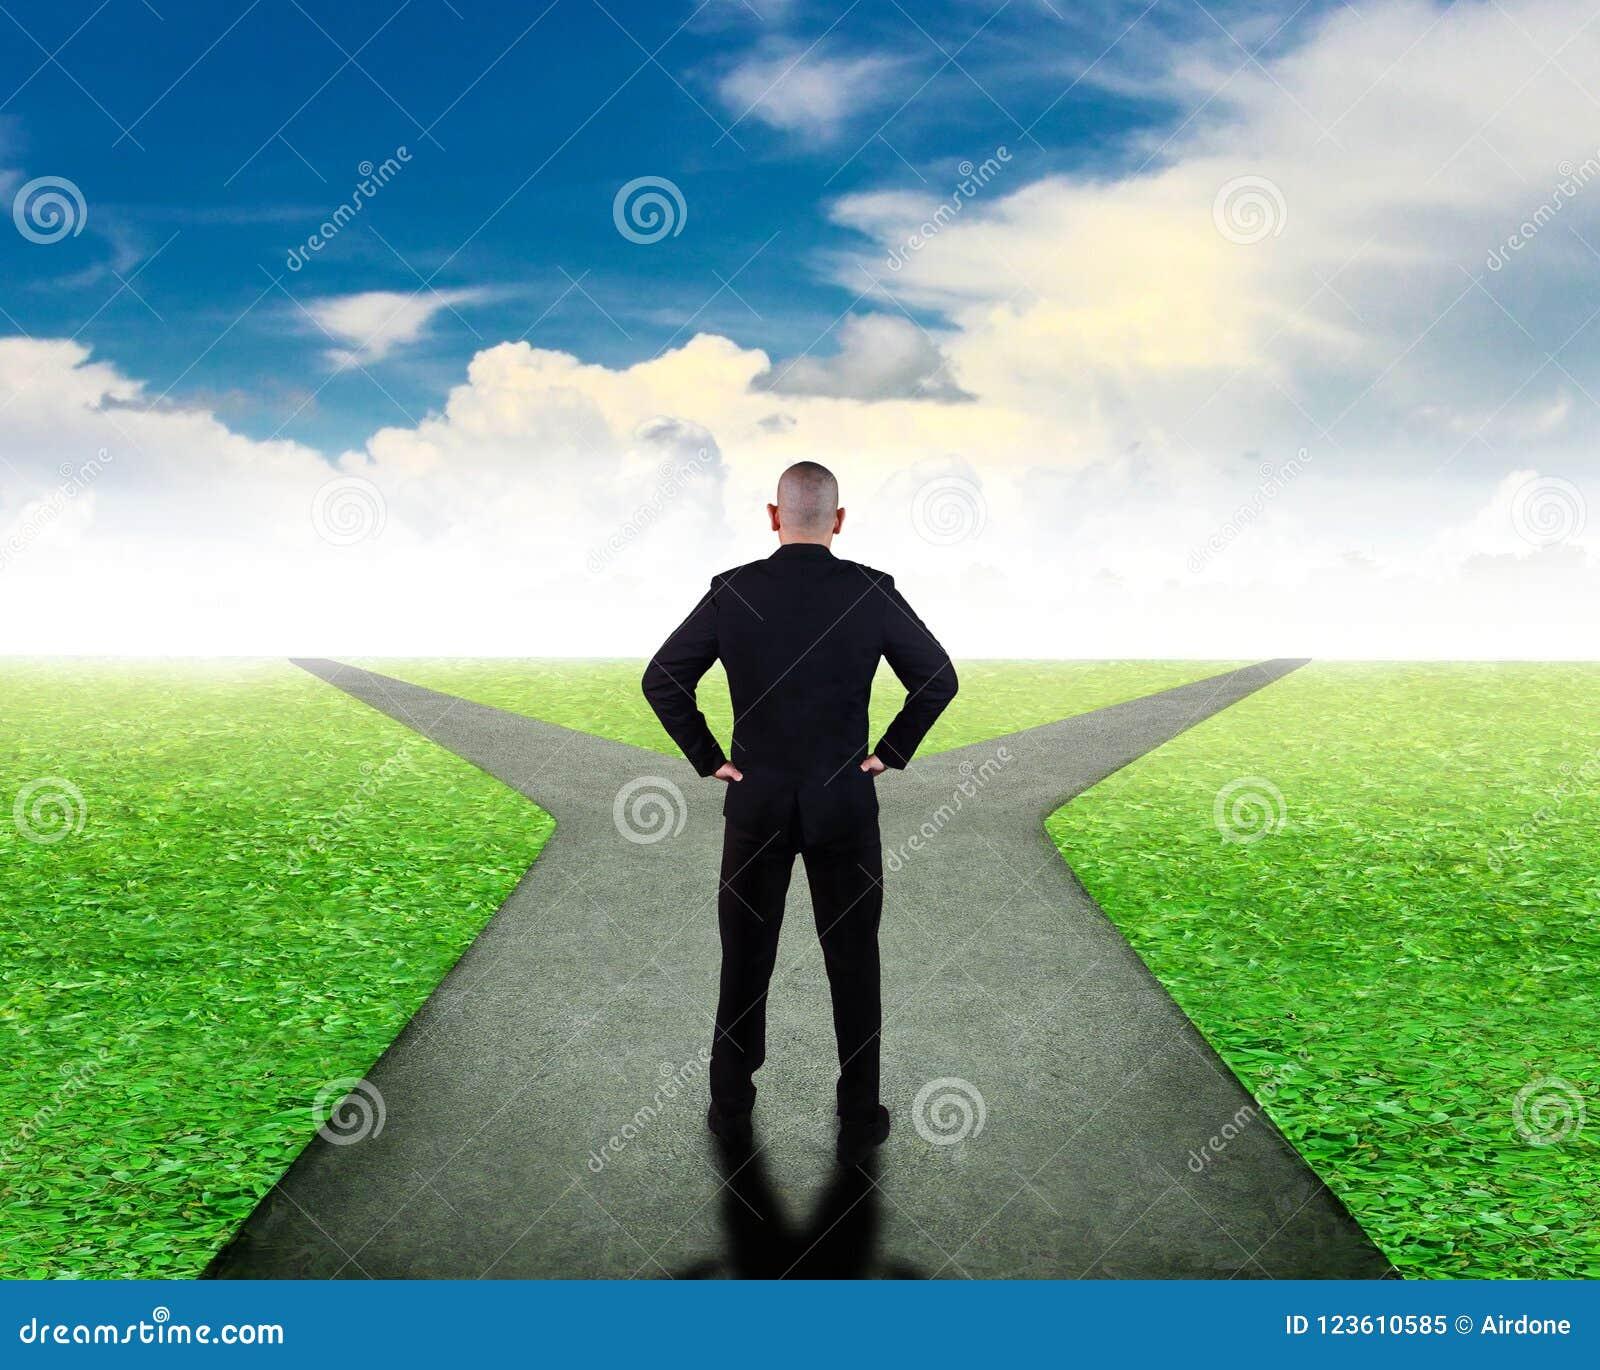 απόφαση έννοιας επιχειρησιακού ελέγχου κιβωτίων αριθ Συγχύσετε για να επιλέξετε την κατεύθυνση